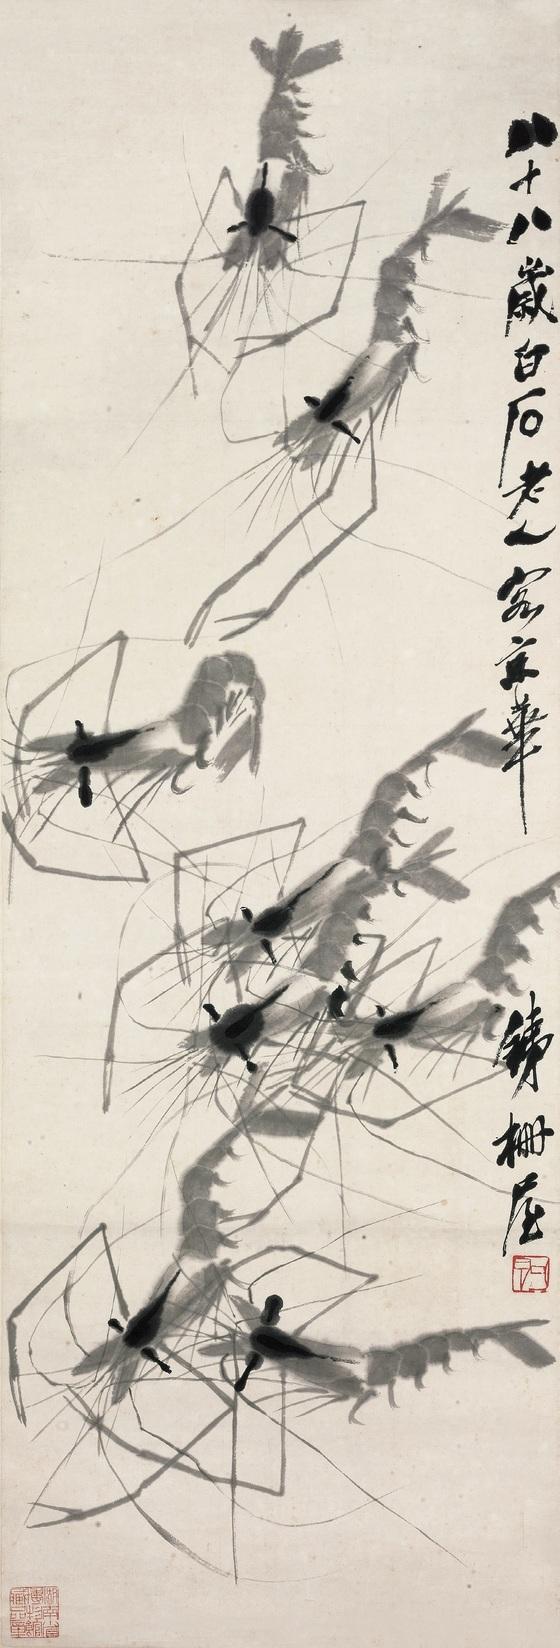 1948년 그린 '새우'(종이에 먹). 치바이스의 작품으로 중국 후난성박물관이 소장하고 있다. [사진 예술의전당]